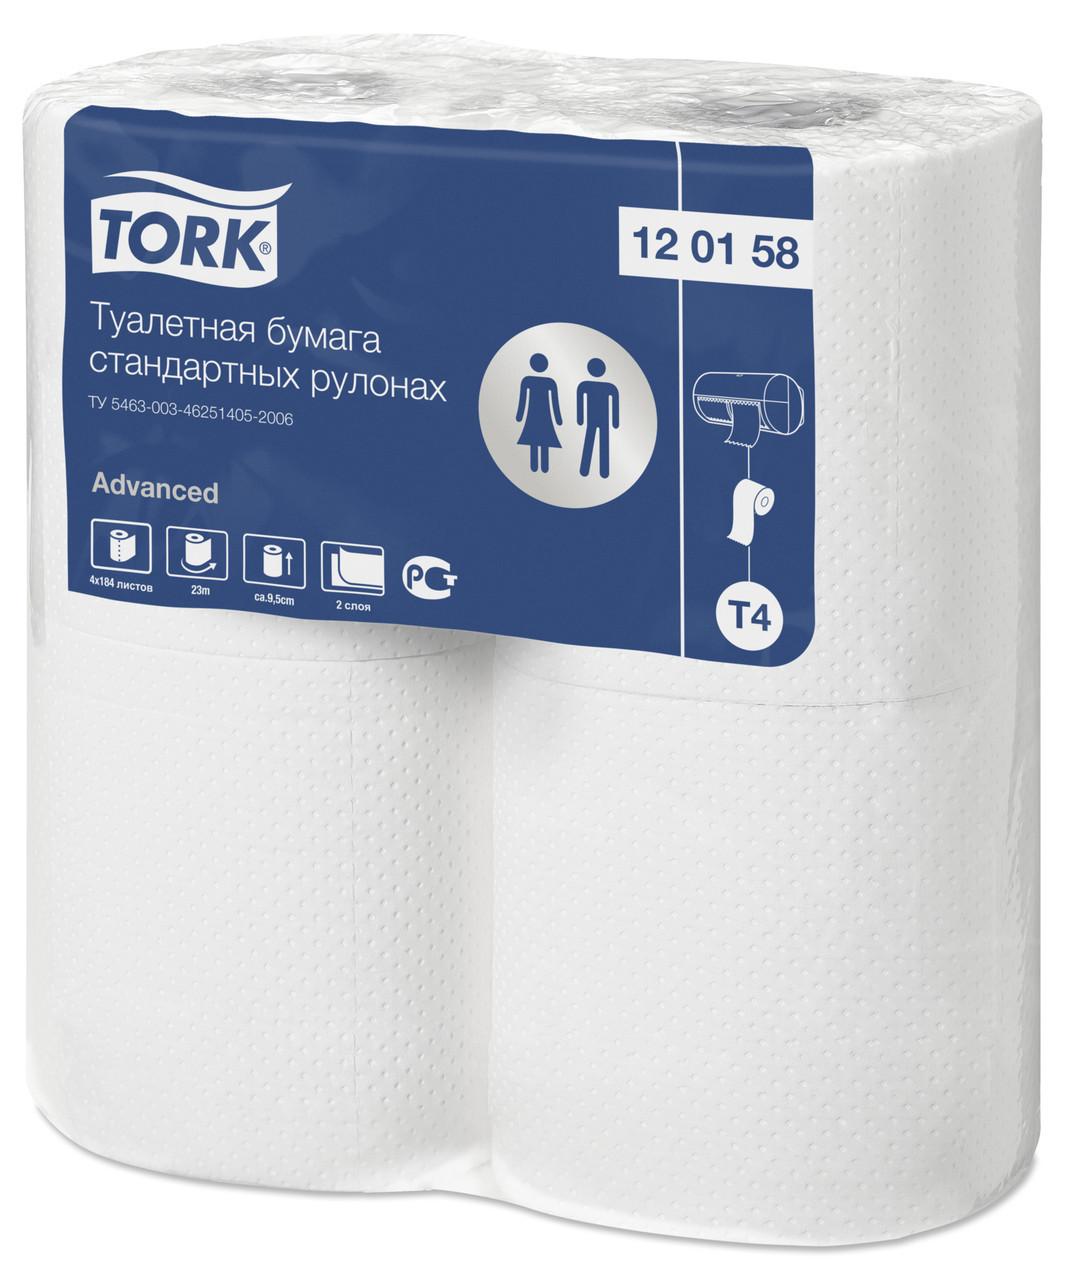 Tork туалетная бумага в стандартных рулонах 120158